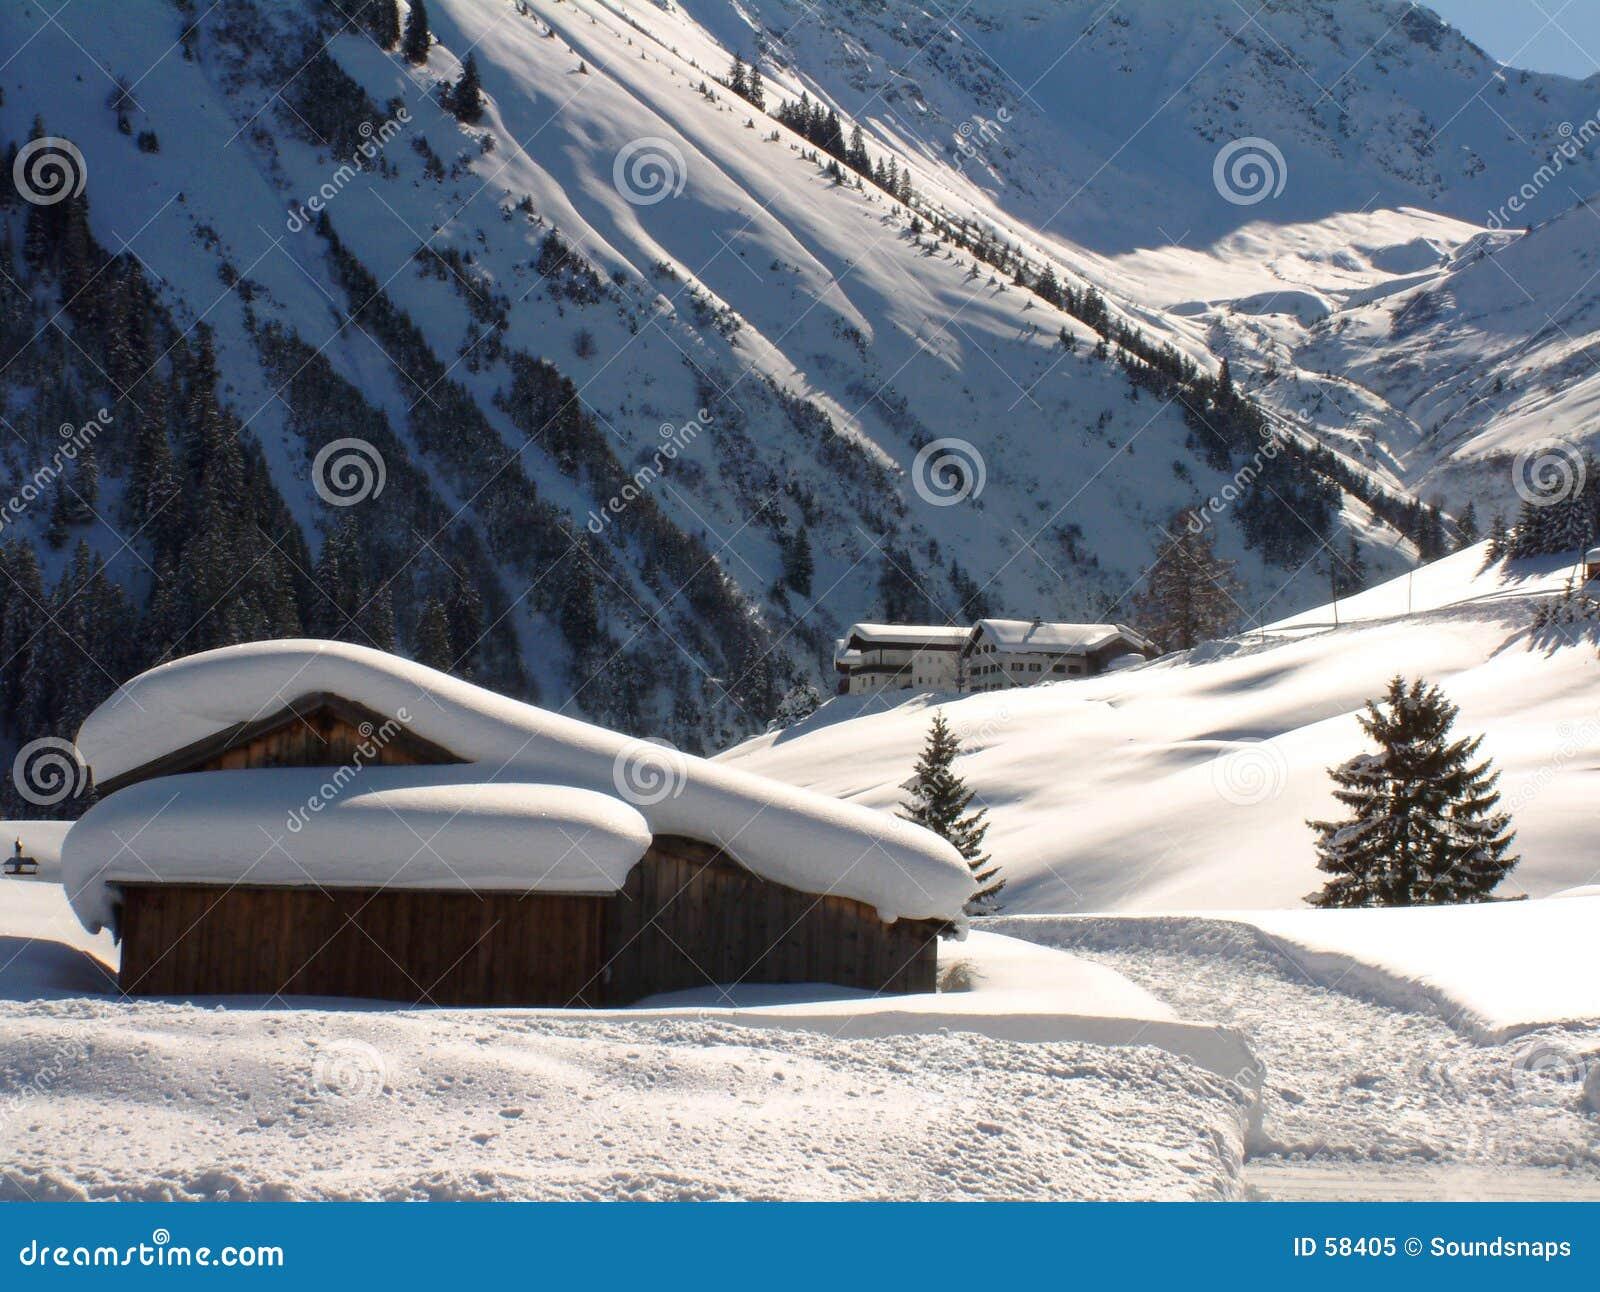 высокогорная австрийская зима места